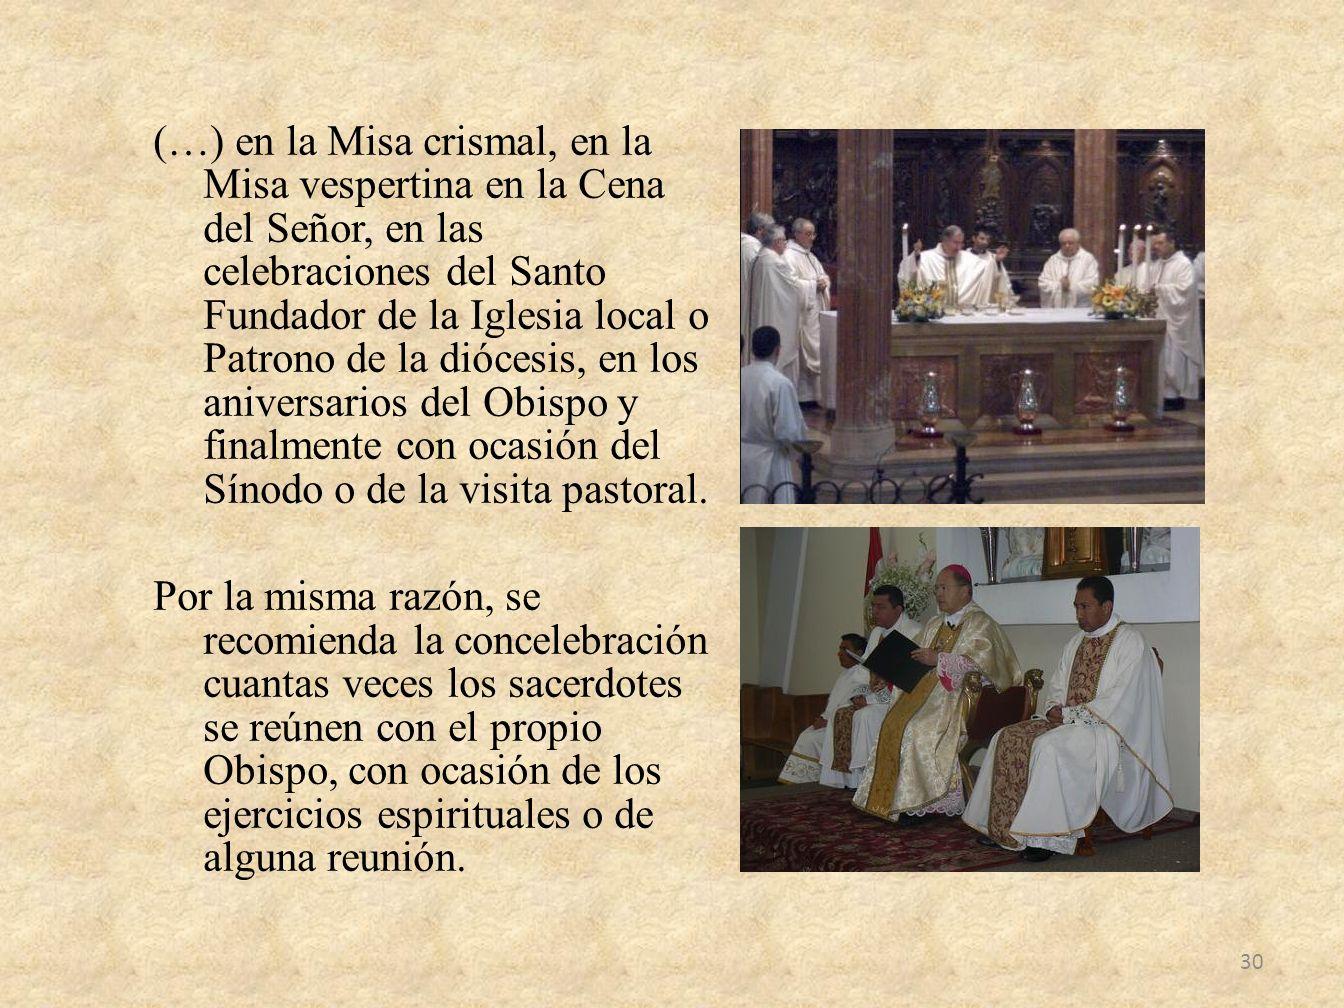 (…) en la Misa crismal, en la Misa vespertina en la Cena del Señor, en las celebraciones del Santo Fundador de la Iglesia local o Patrono de la dióces